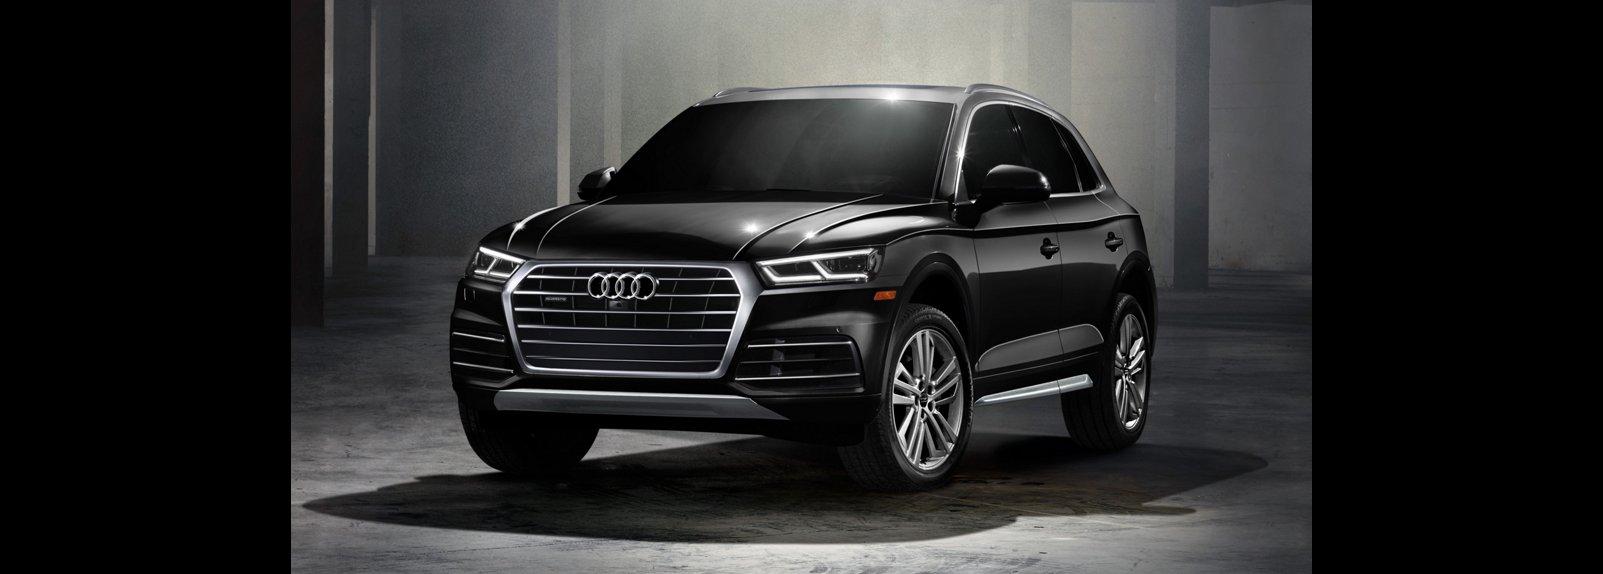 Kelebihan Audi Q5 2019 Perbandingan Harga